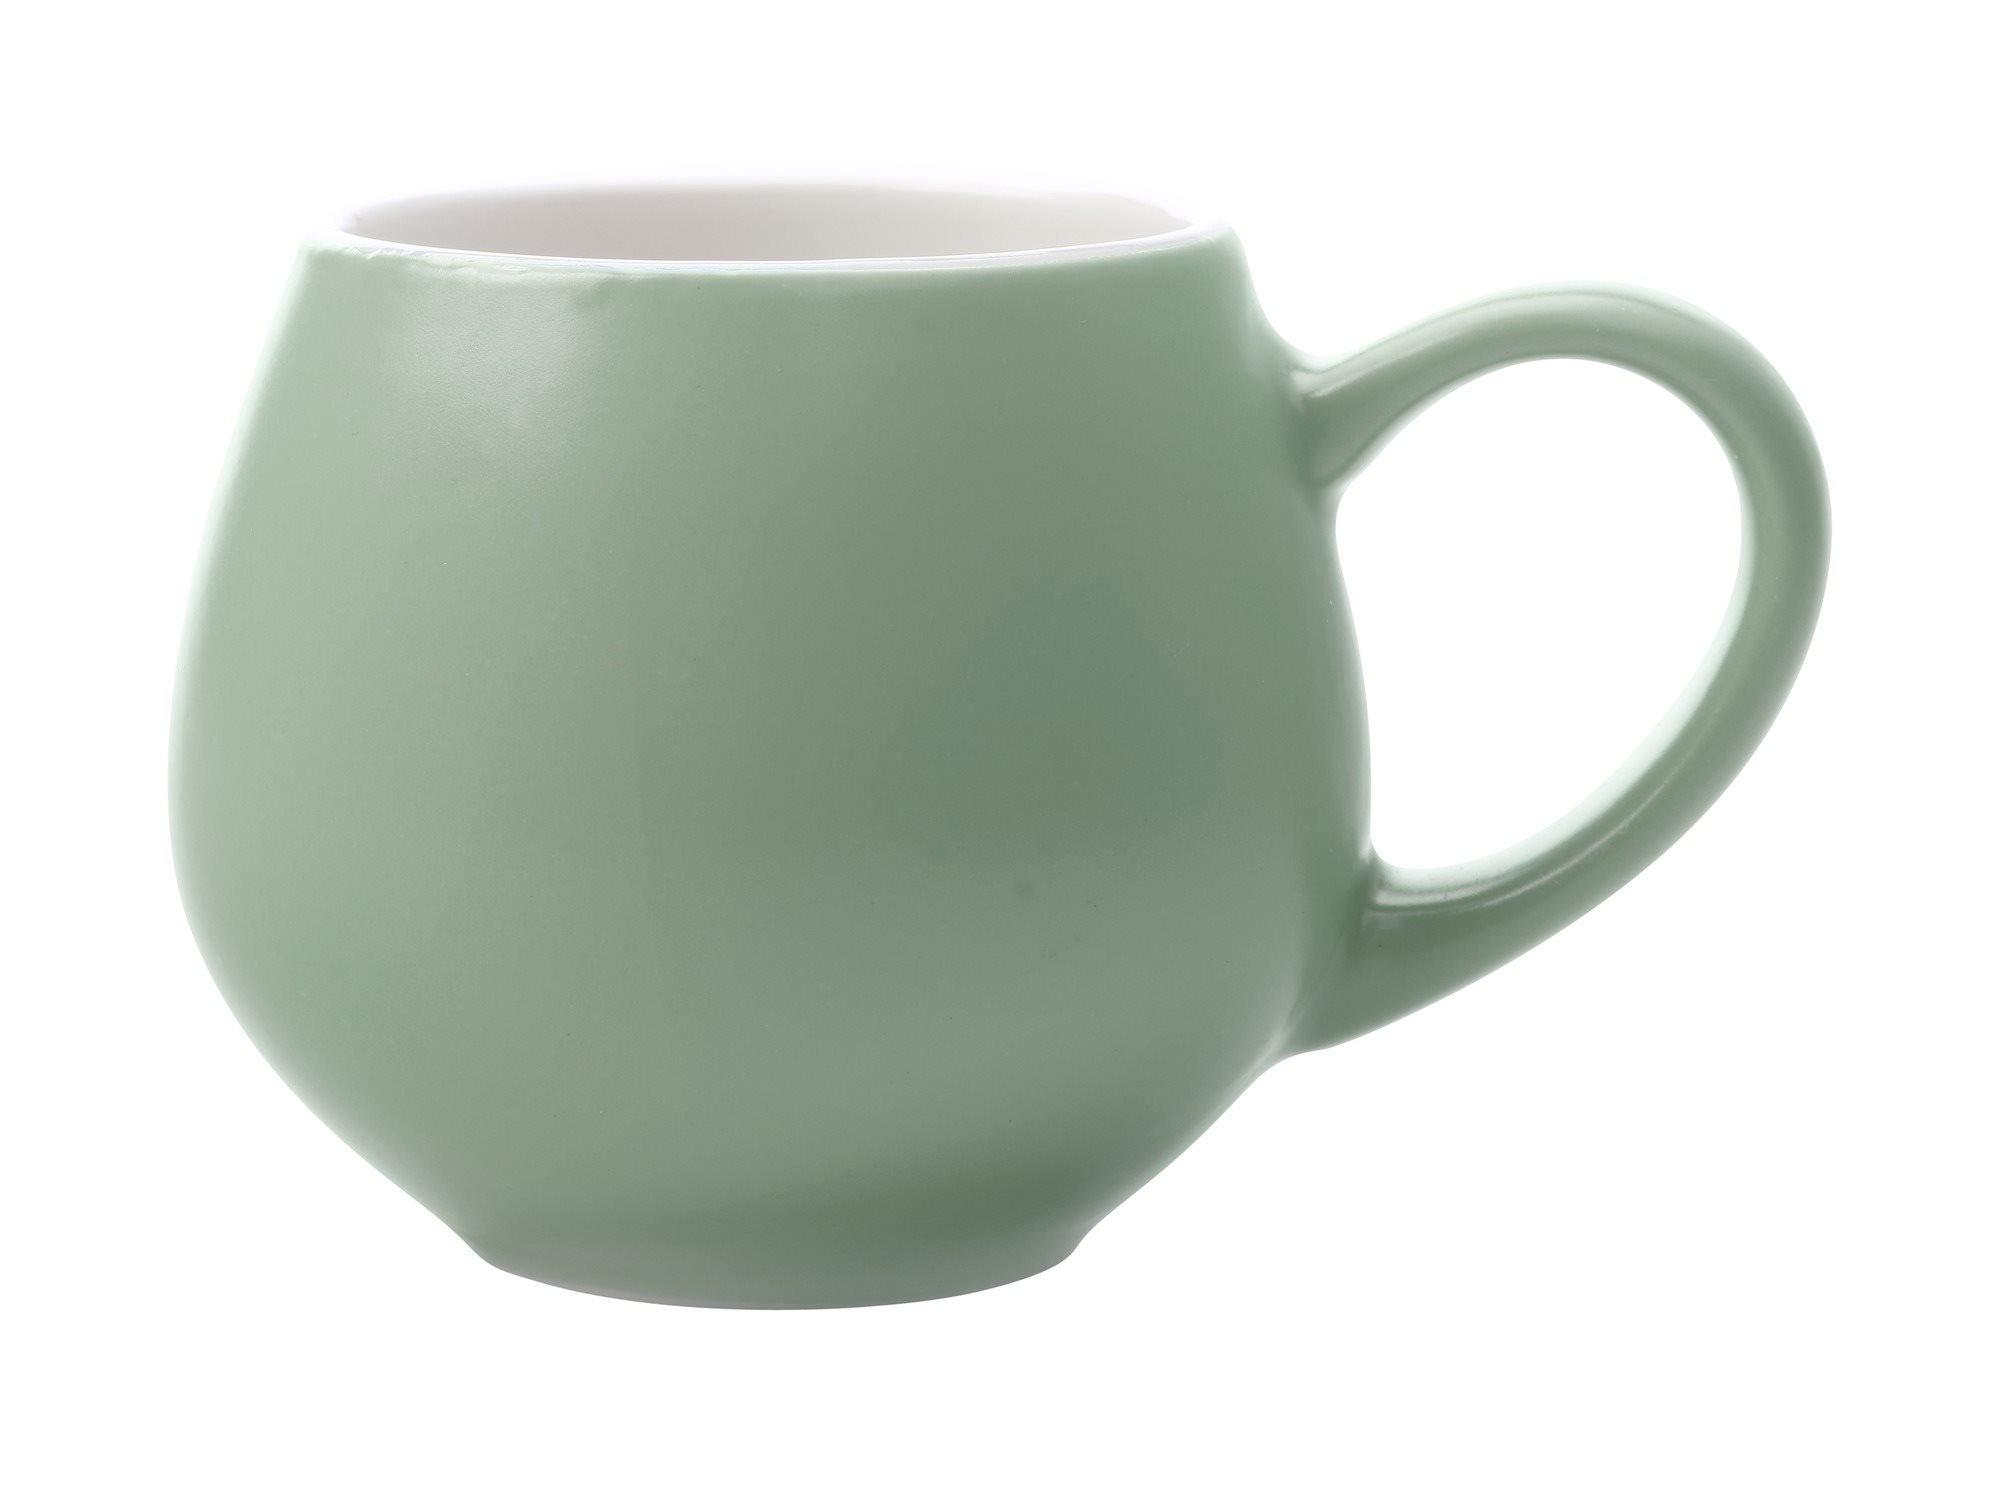 Maxwell & Williams Κούπα Mini Snug Πράσινη Tint 120ml